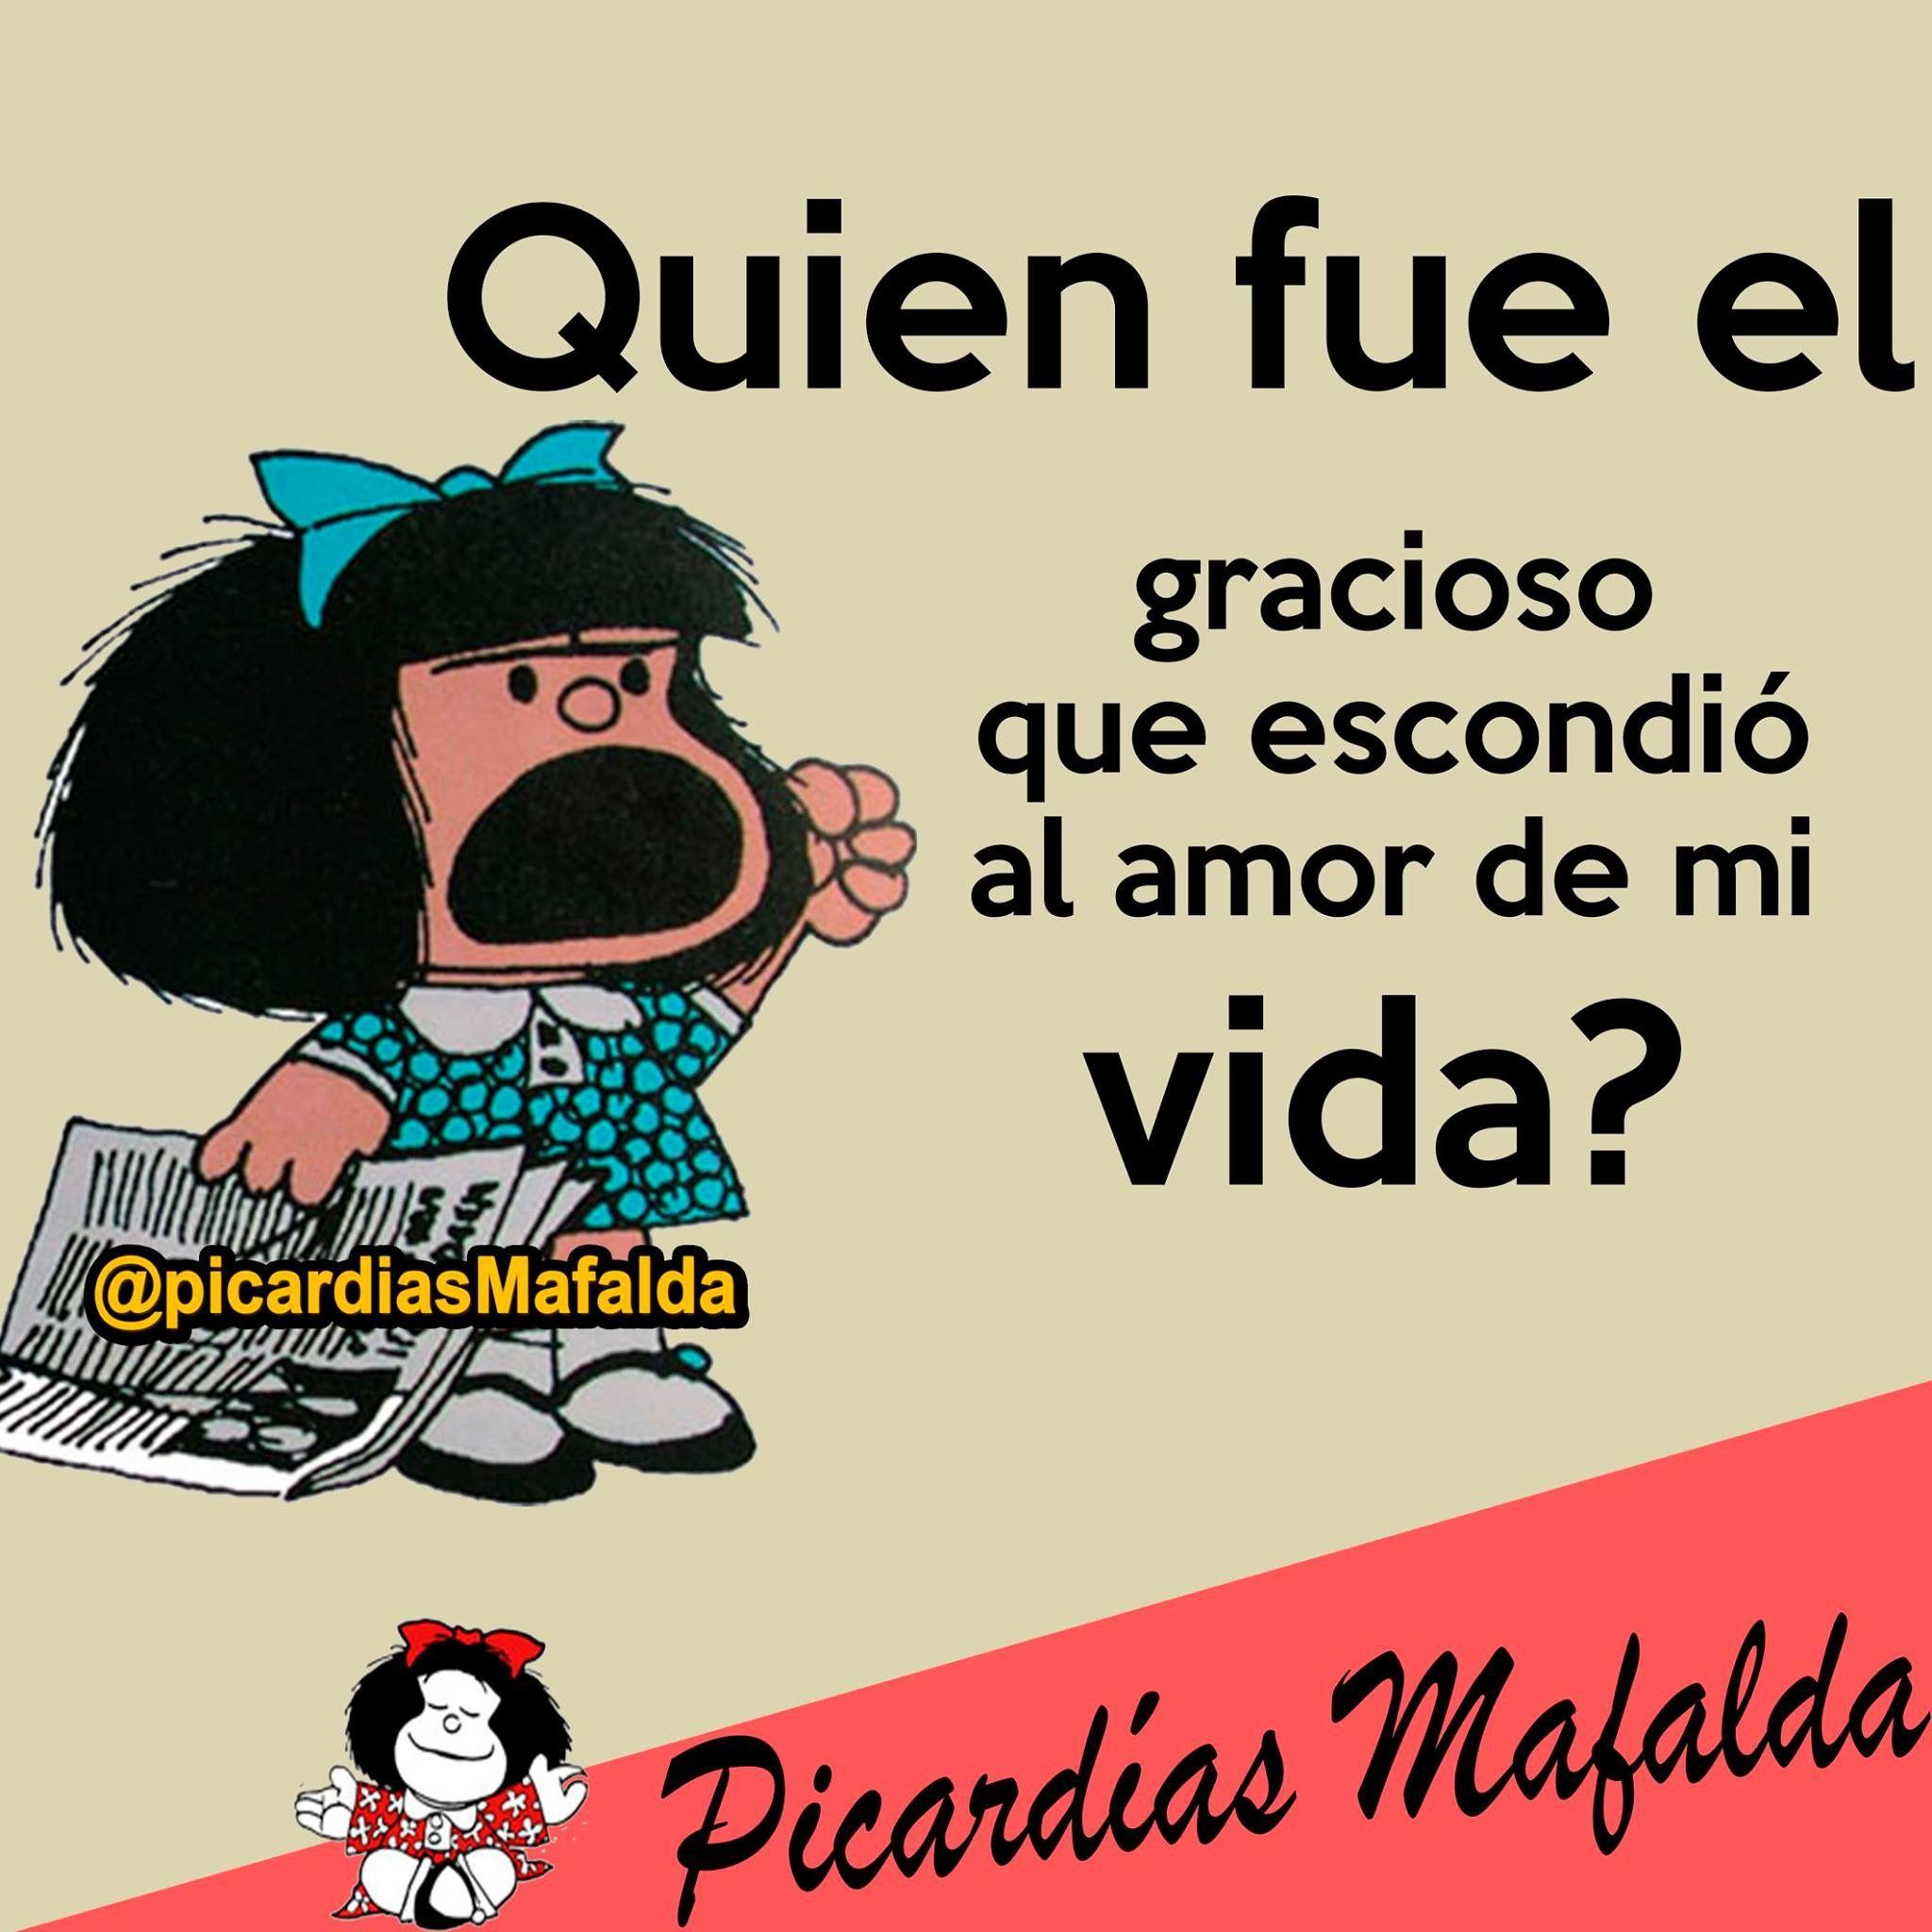 Frases Celebres De Mafalda Sobre El Amor Mejor Casa Sobre